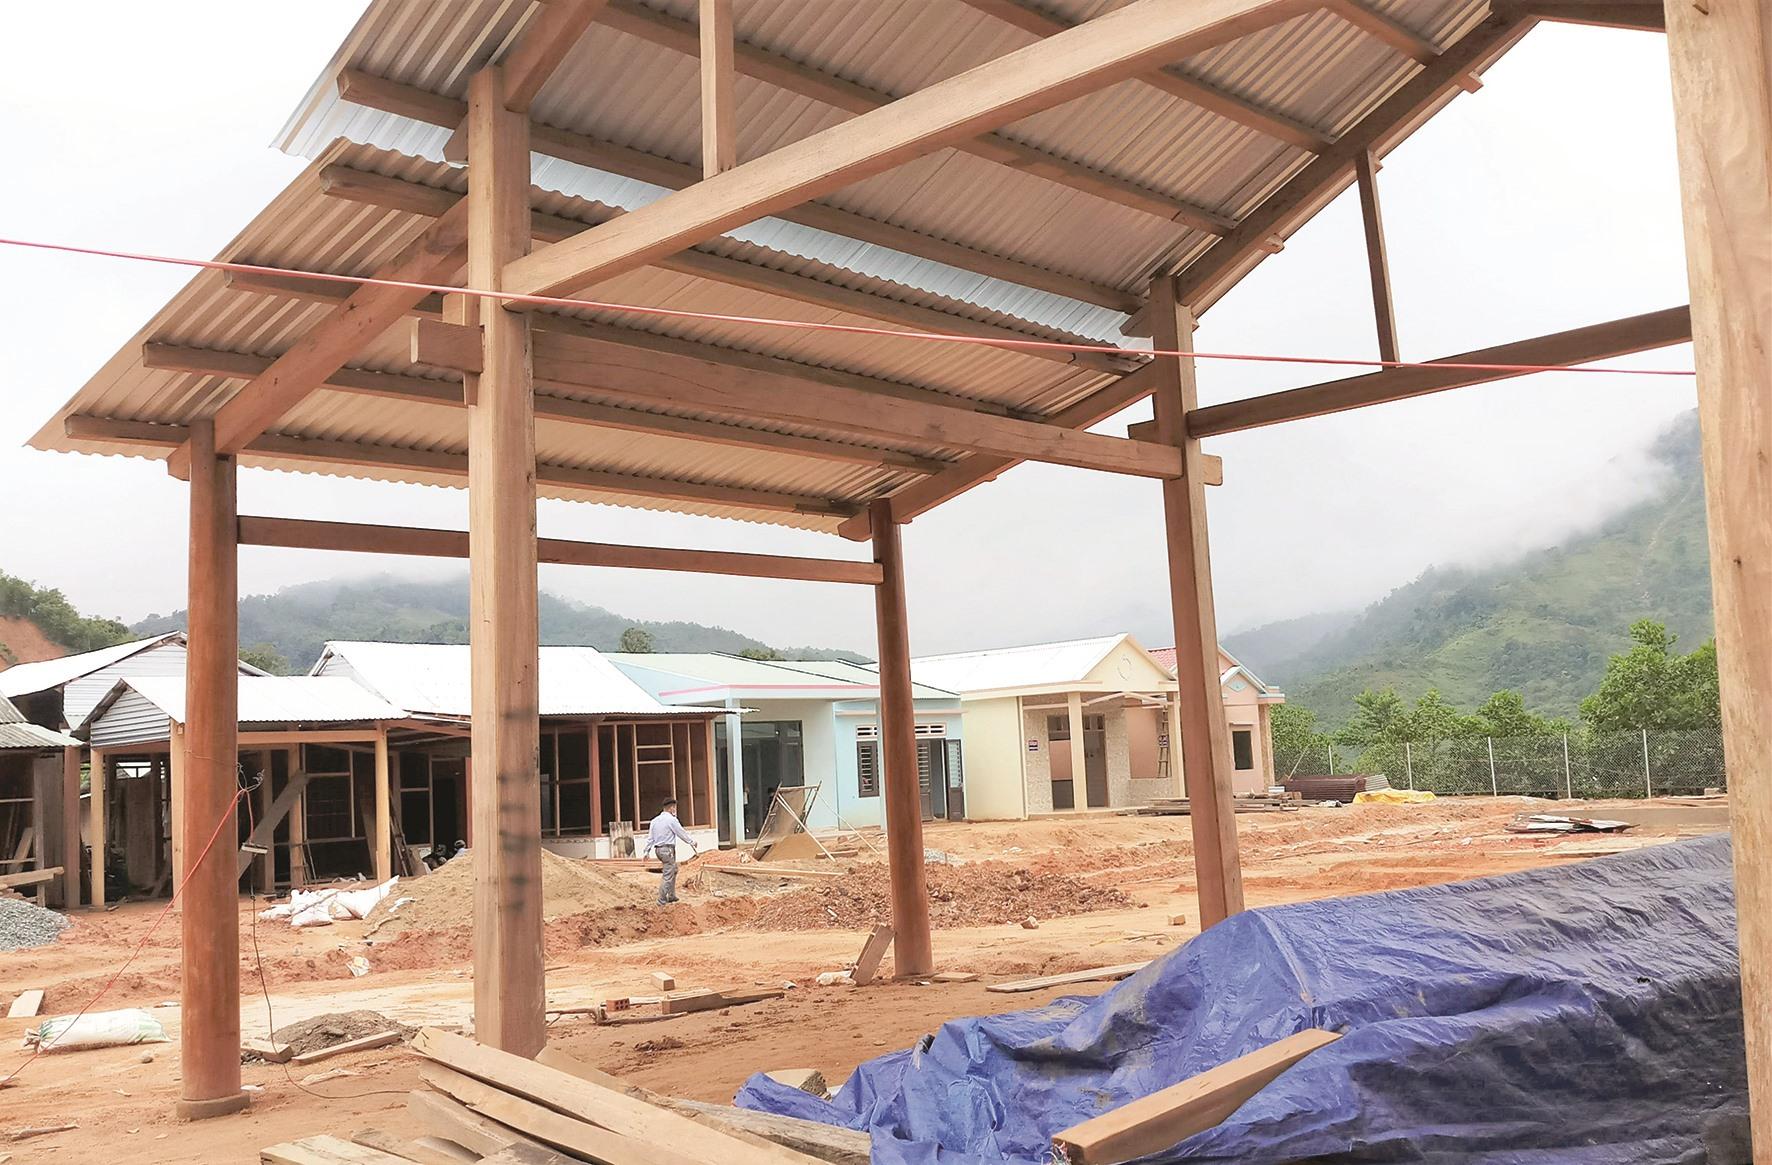 Những căn nhà đã được dựng, người Giẻ Triêng hối hả các bước hoàn thiện, chờ đến ngày dọn về ở, đảm bảo ổn định trước mùa mưa bão.